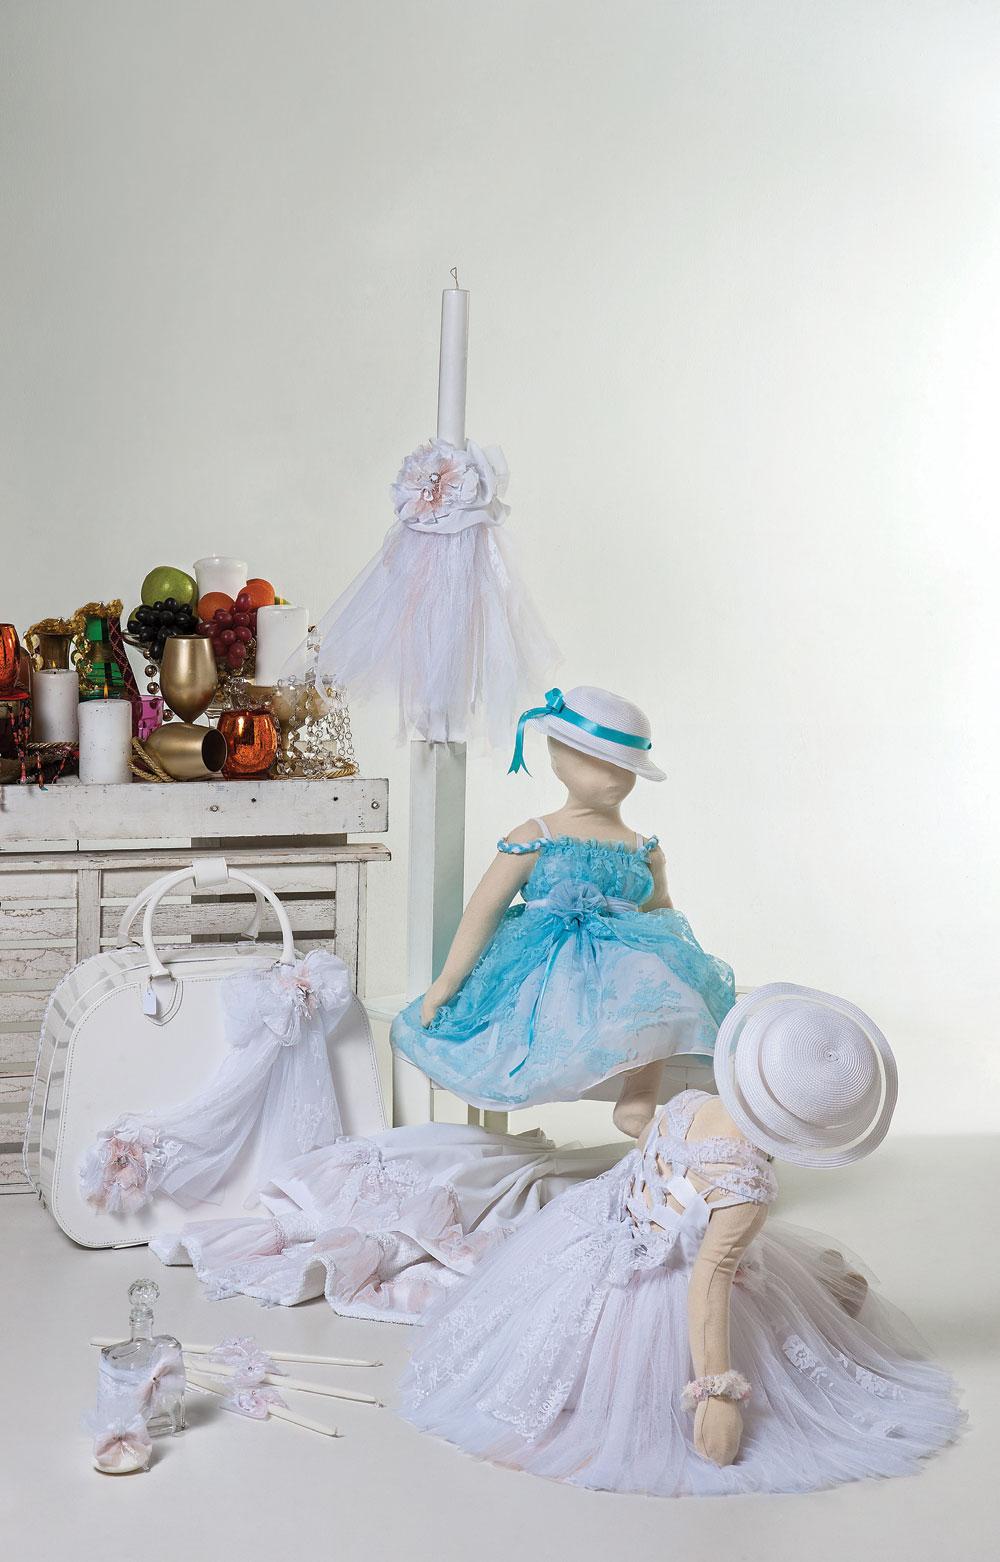 1434 φόρεμα aqua με διπλή δαντέλα -1405 φόρεμα τούλινο λευκό με σομόν λεπτομέρειες και ιδιαίτερη πλάτη